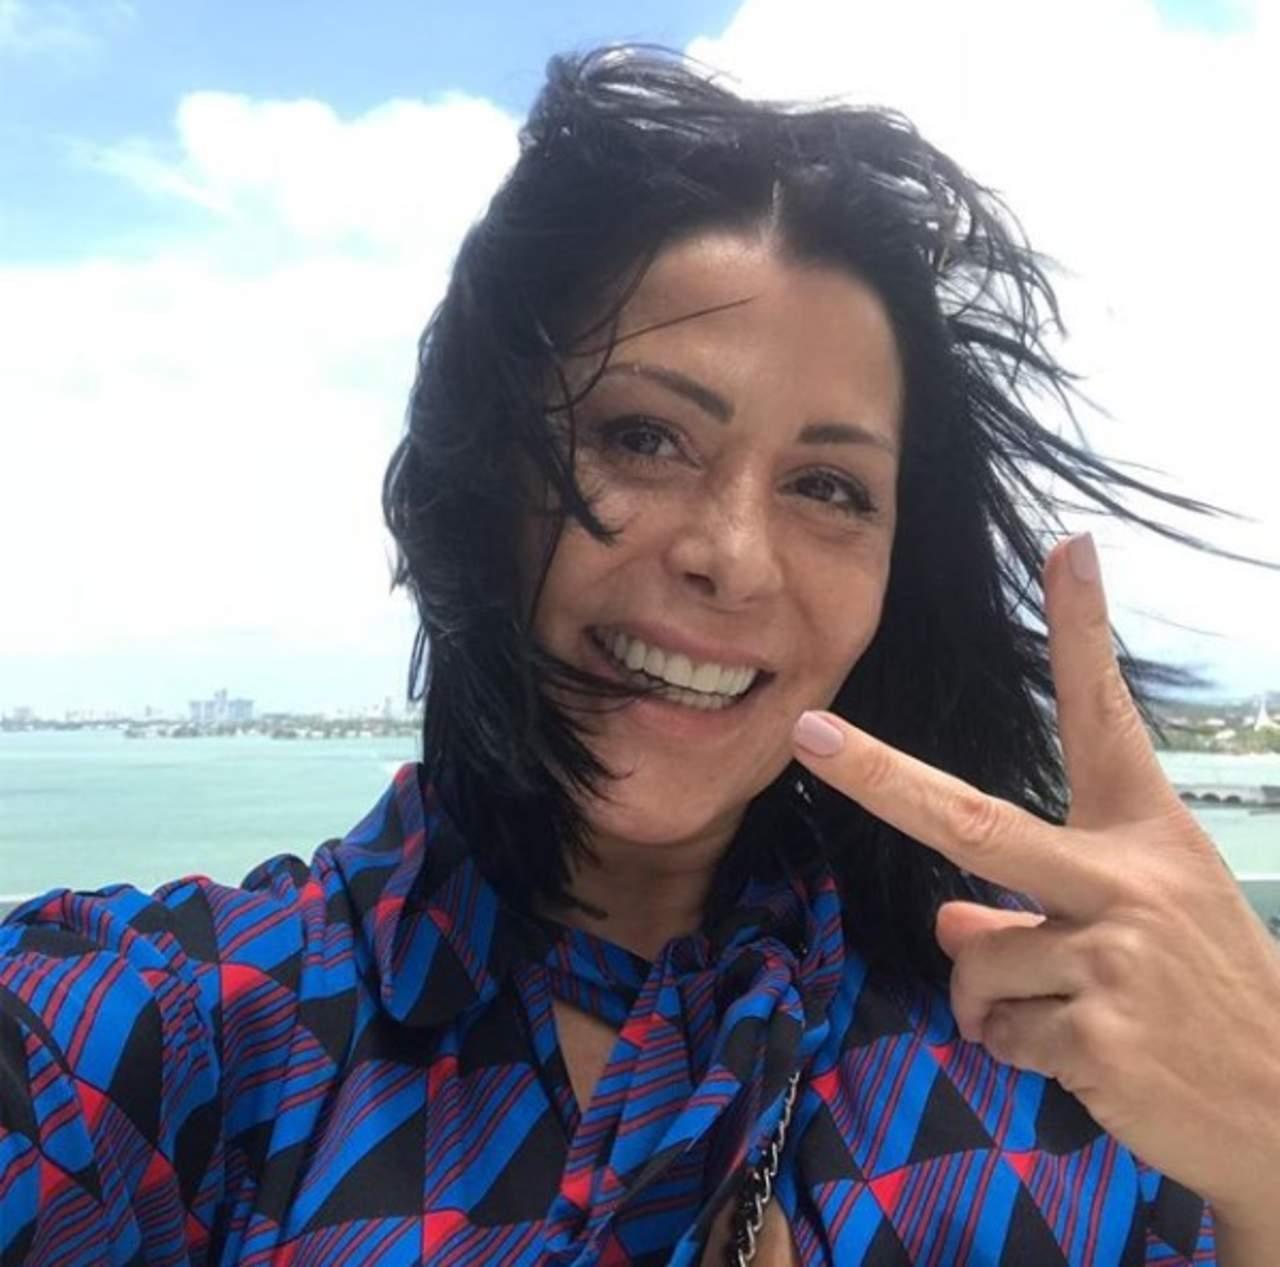 La foto de Alejandra que causa polémica